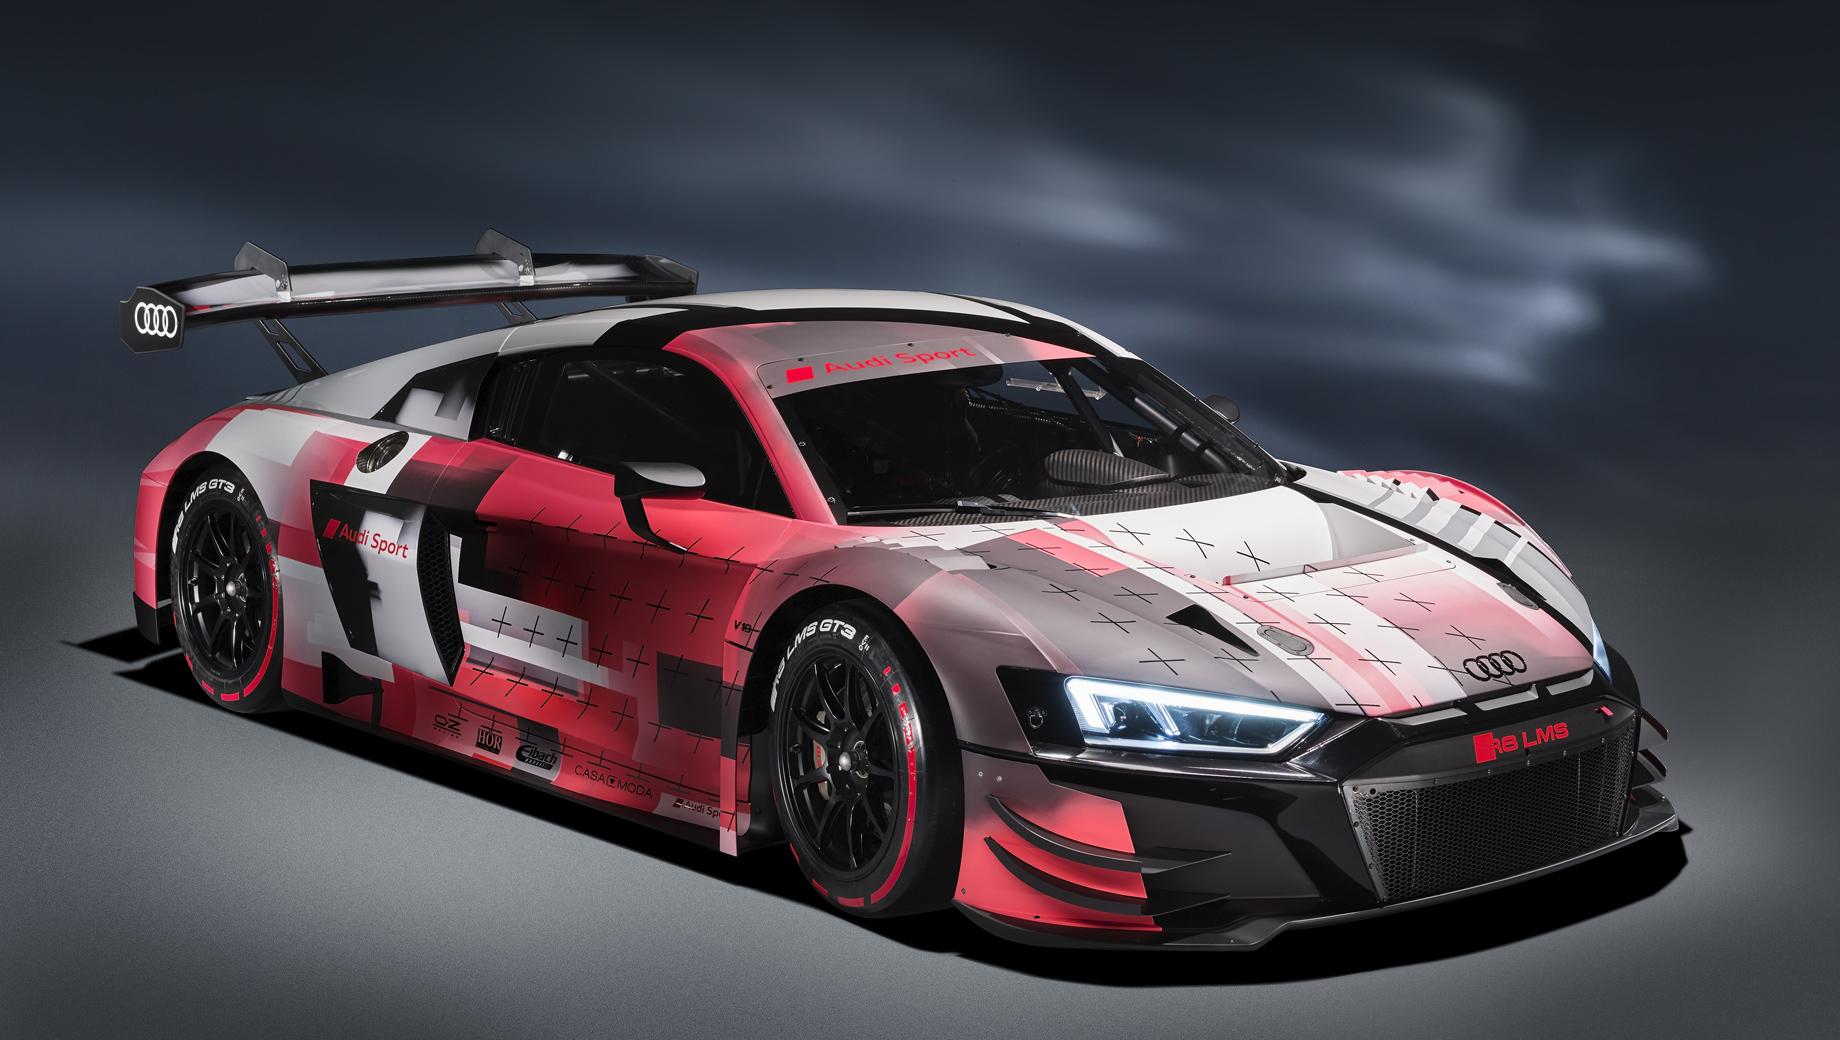 Audi r8,Audi r8 lms,Audi r8 lms gt3 evoii. Модель R8 LMS GT3 пребывает во втором поколении (первое было создано в 2009-м) и располагается в табели о рангах между гоночными собратьями R8 LMS GT4 и Audi R8 LMS GT2.